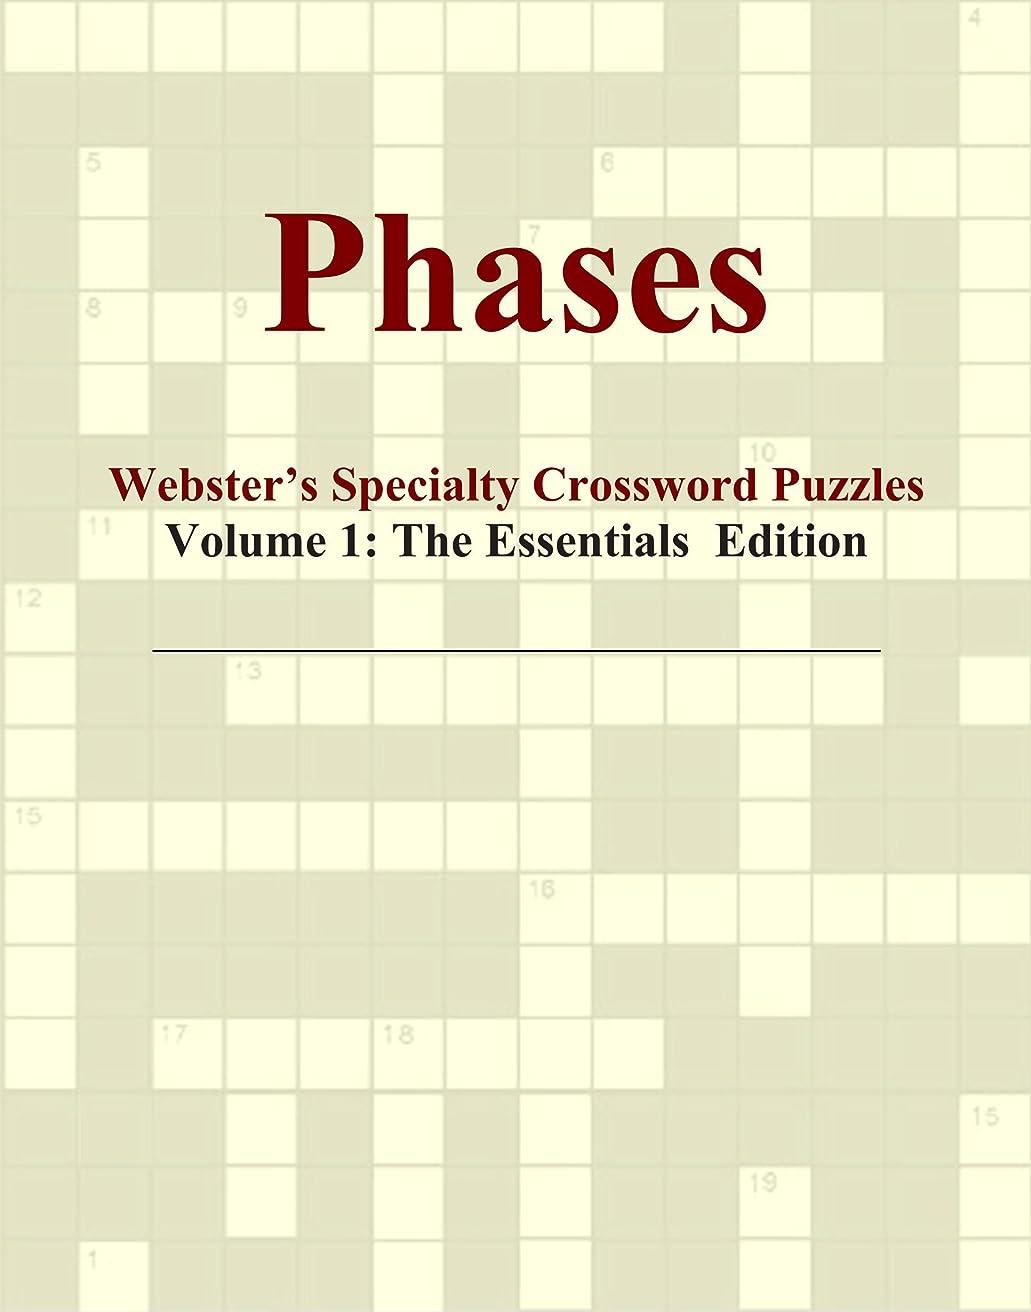 橋エジプトブリークPhases - Webster's Specialty Crossword Puzzles, Volume 1: The Essentials Edition